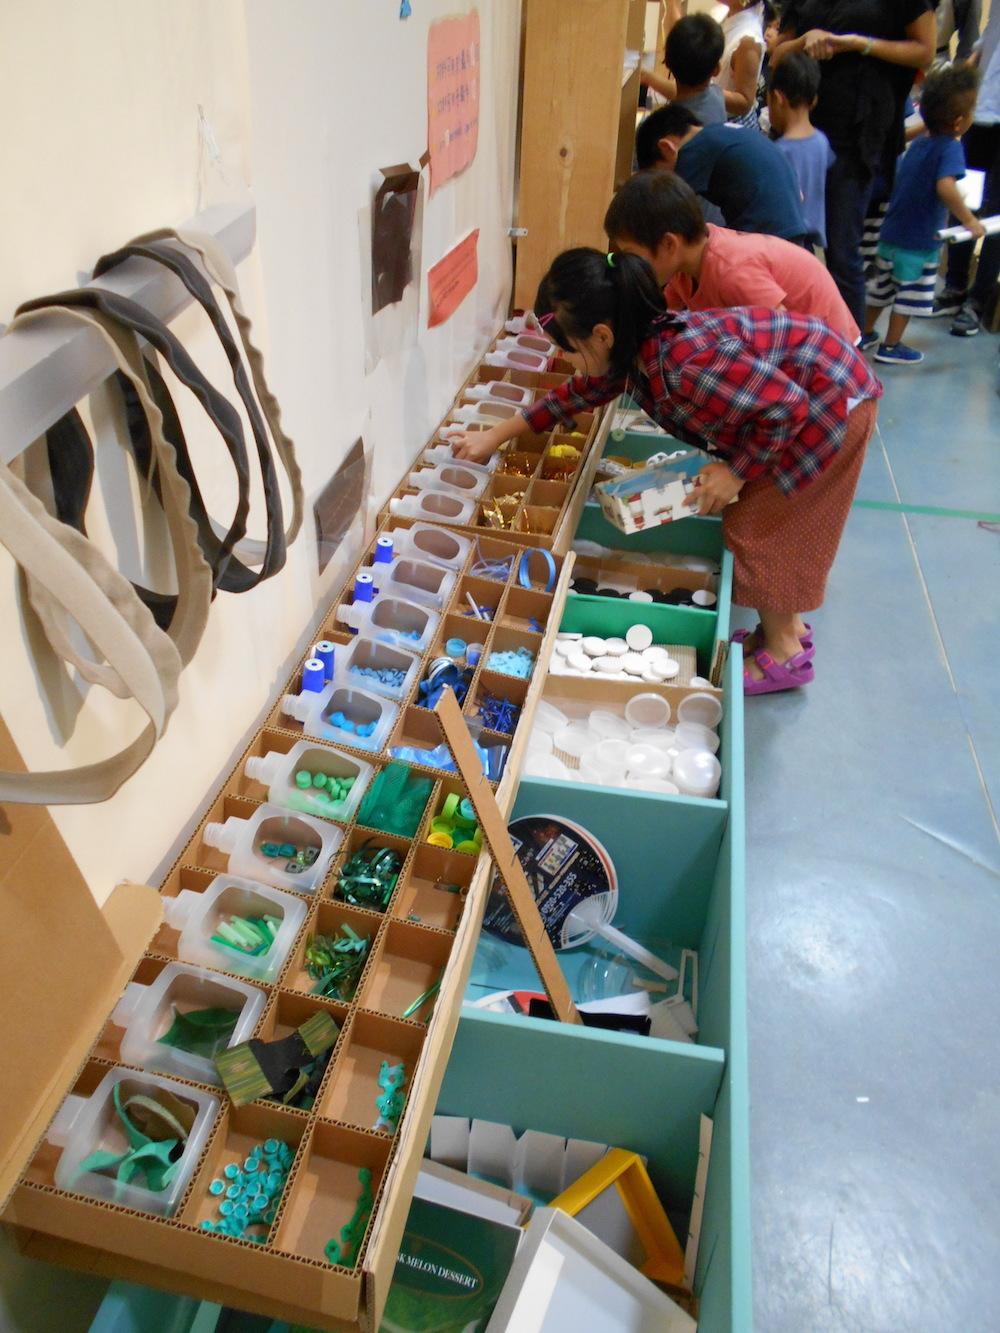 「正解をつくるのは、子どもたち自身」——キッズプラザ大阪が提供するクリエイティブリユースプログラム